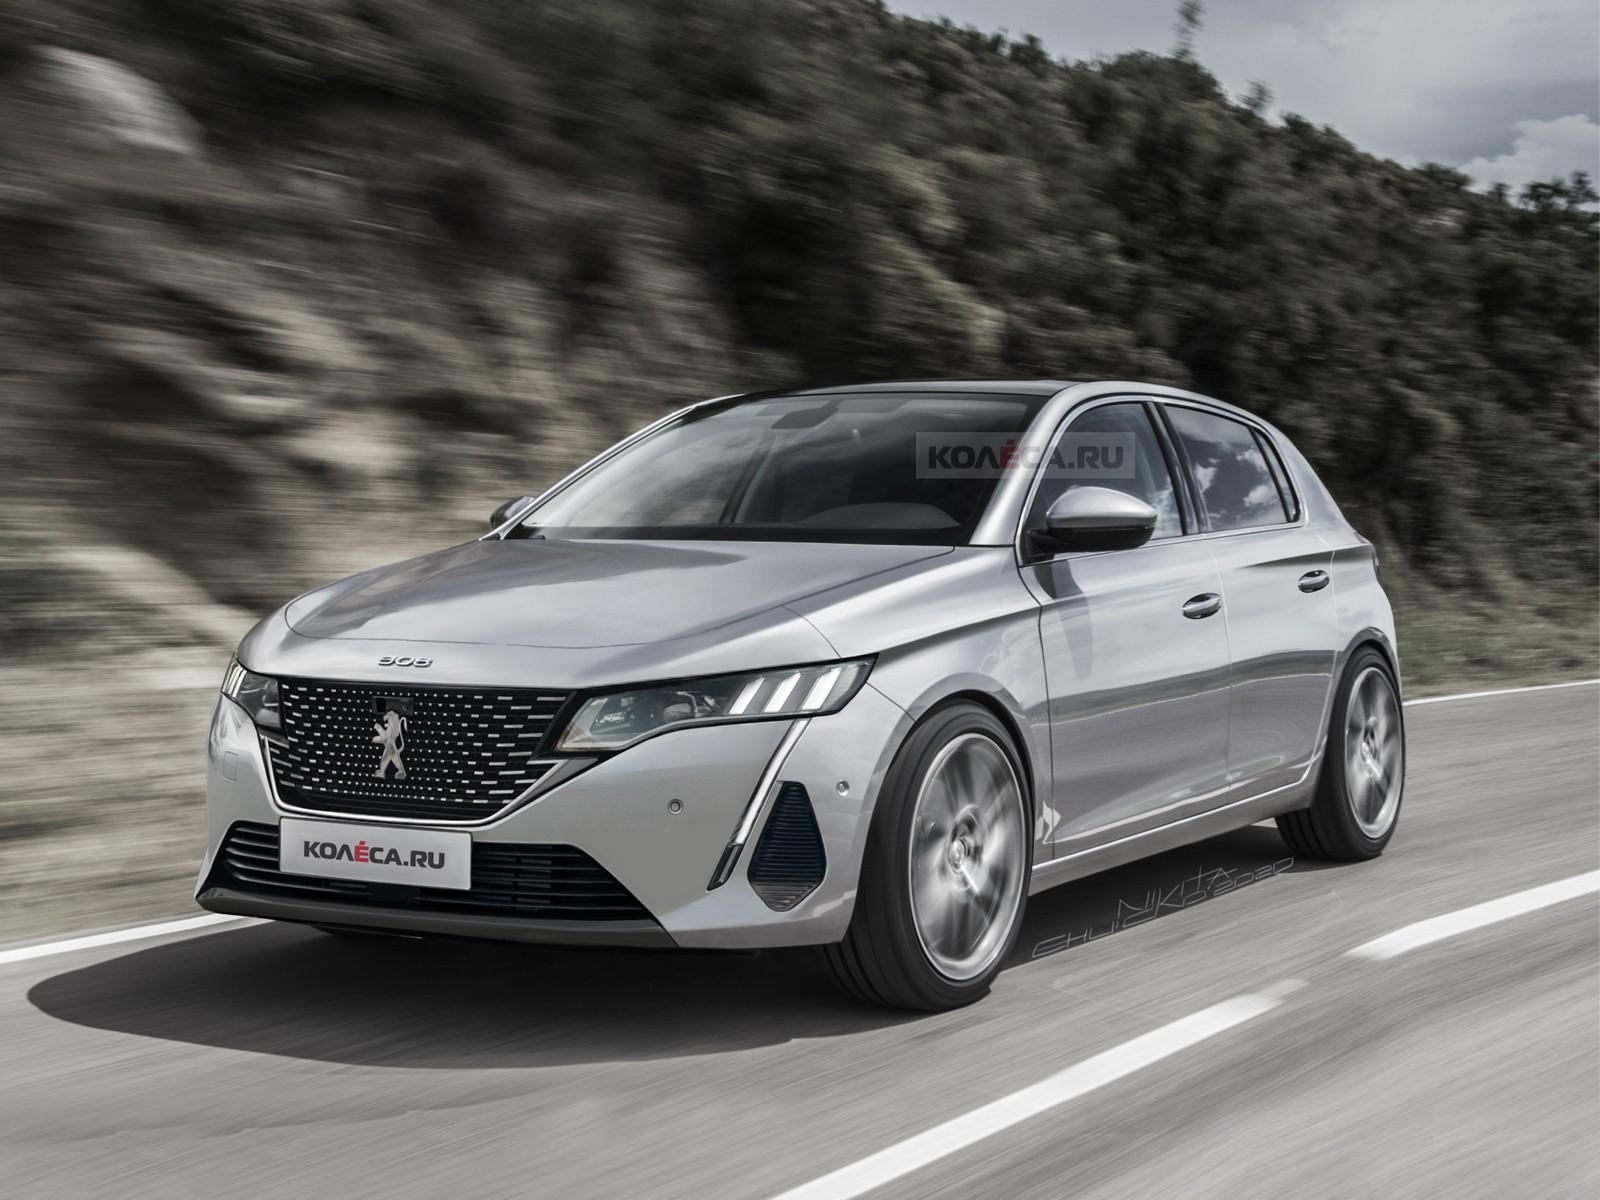 Peugeot 308 следующего поколения: новые изображения